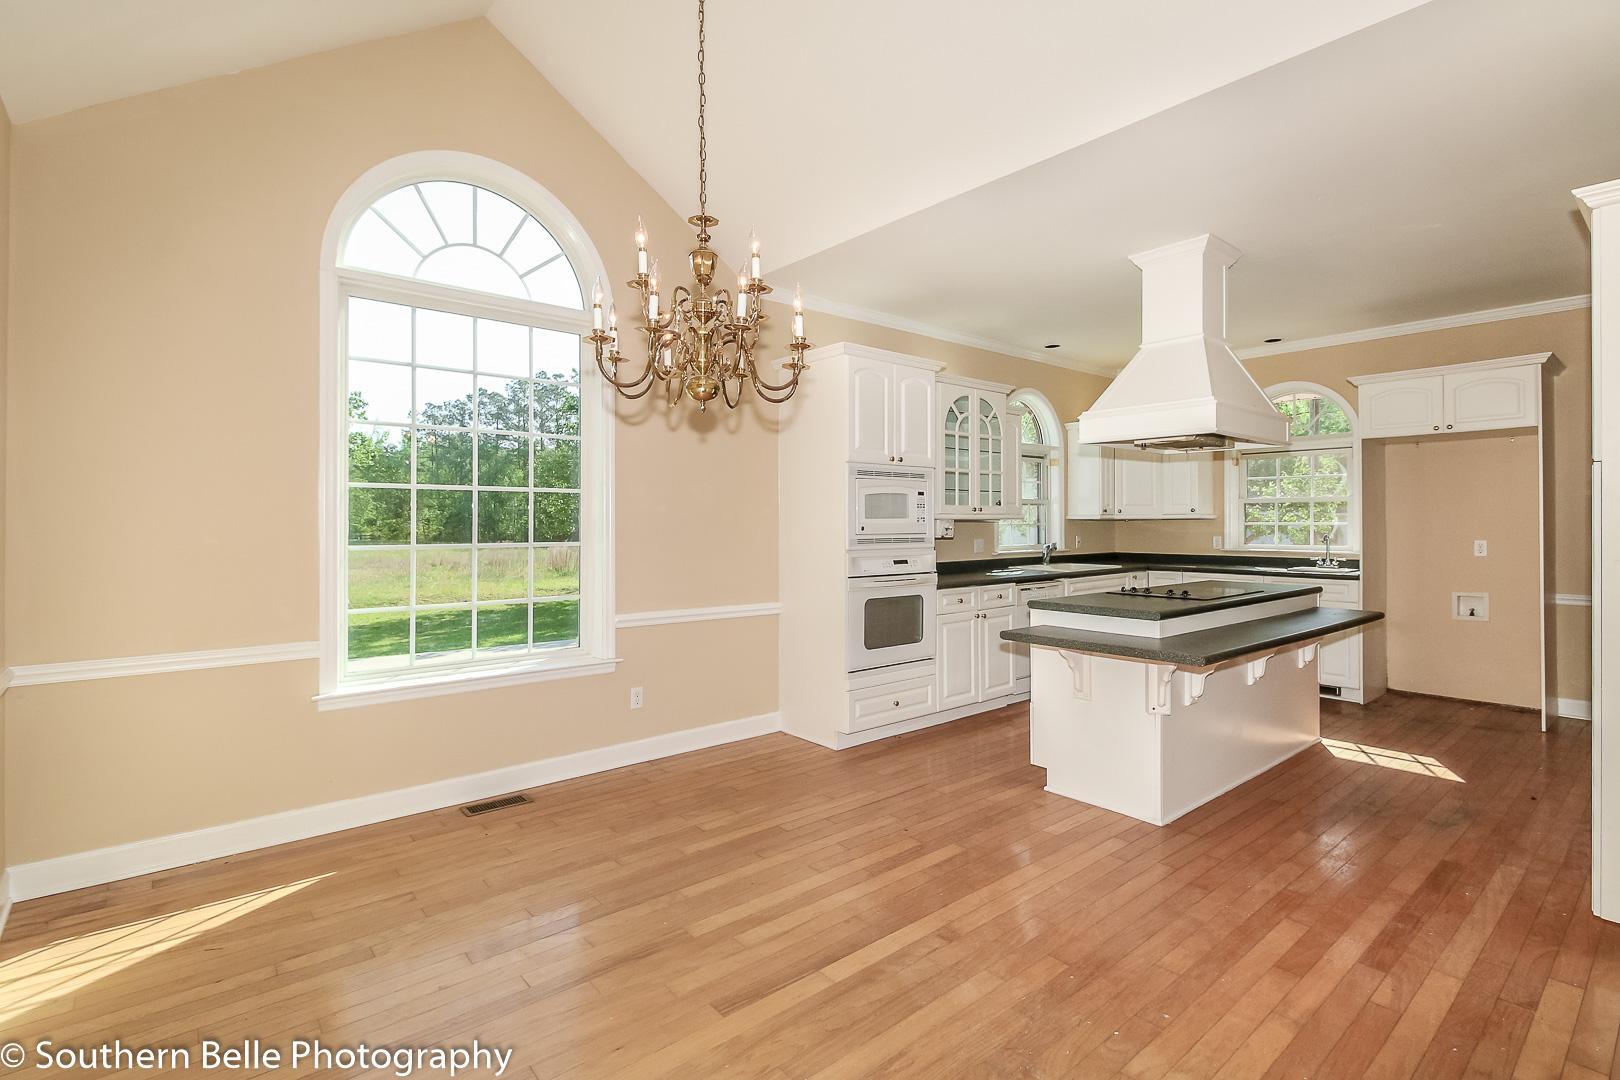 10. Kitchen & Dining Room View WM